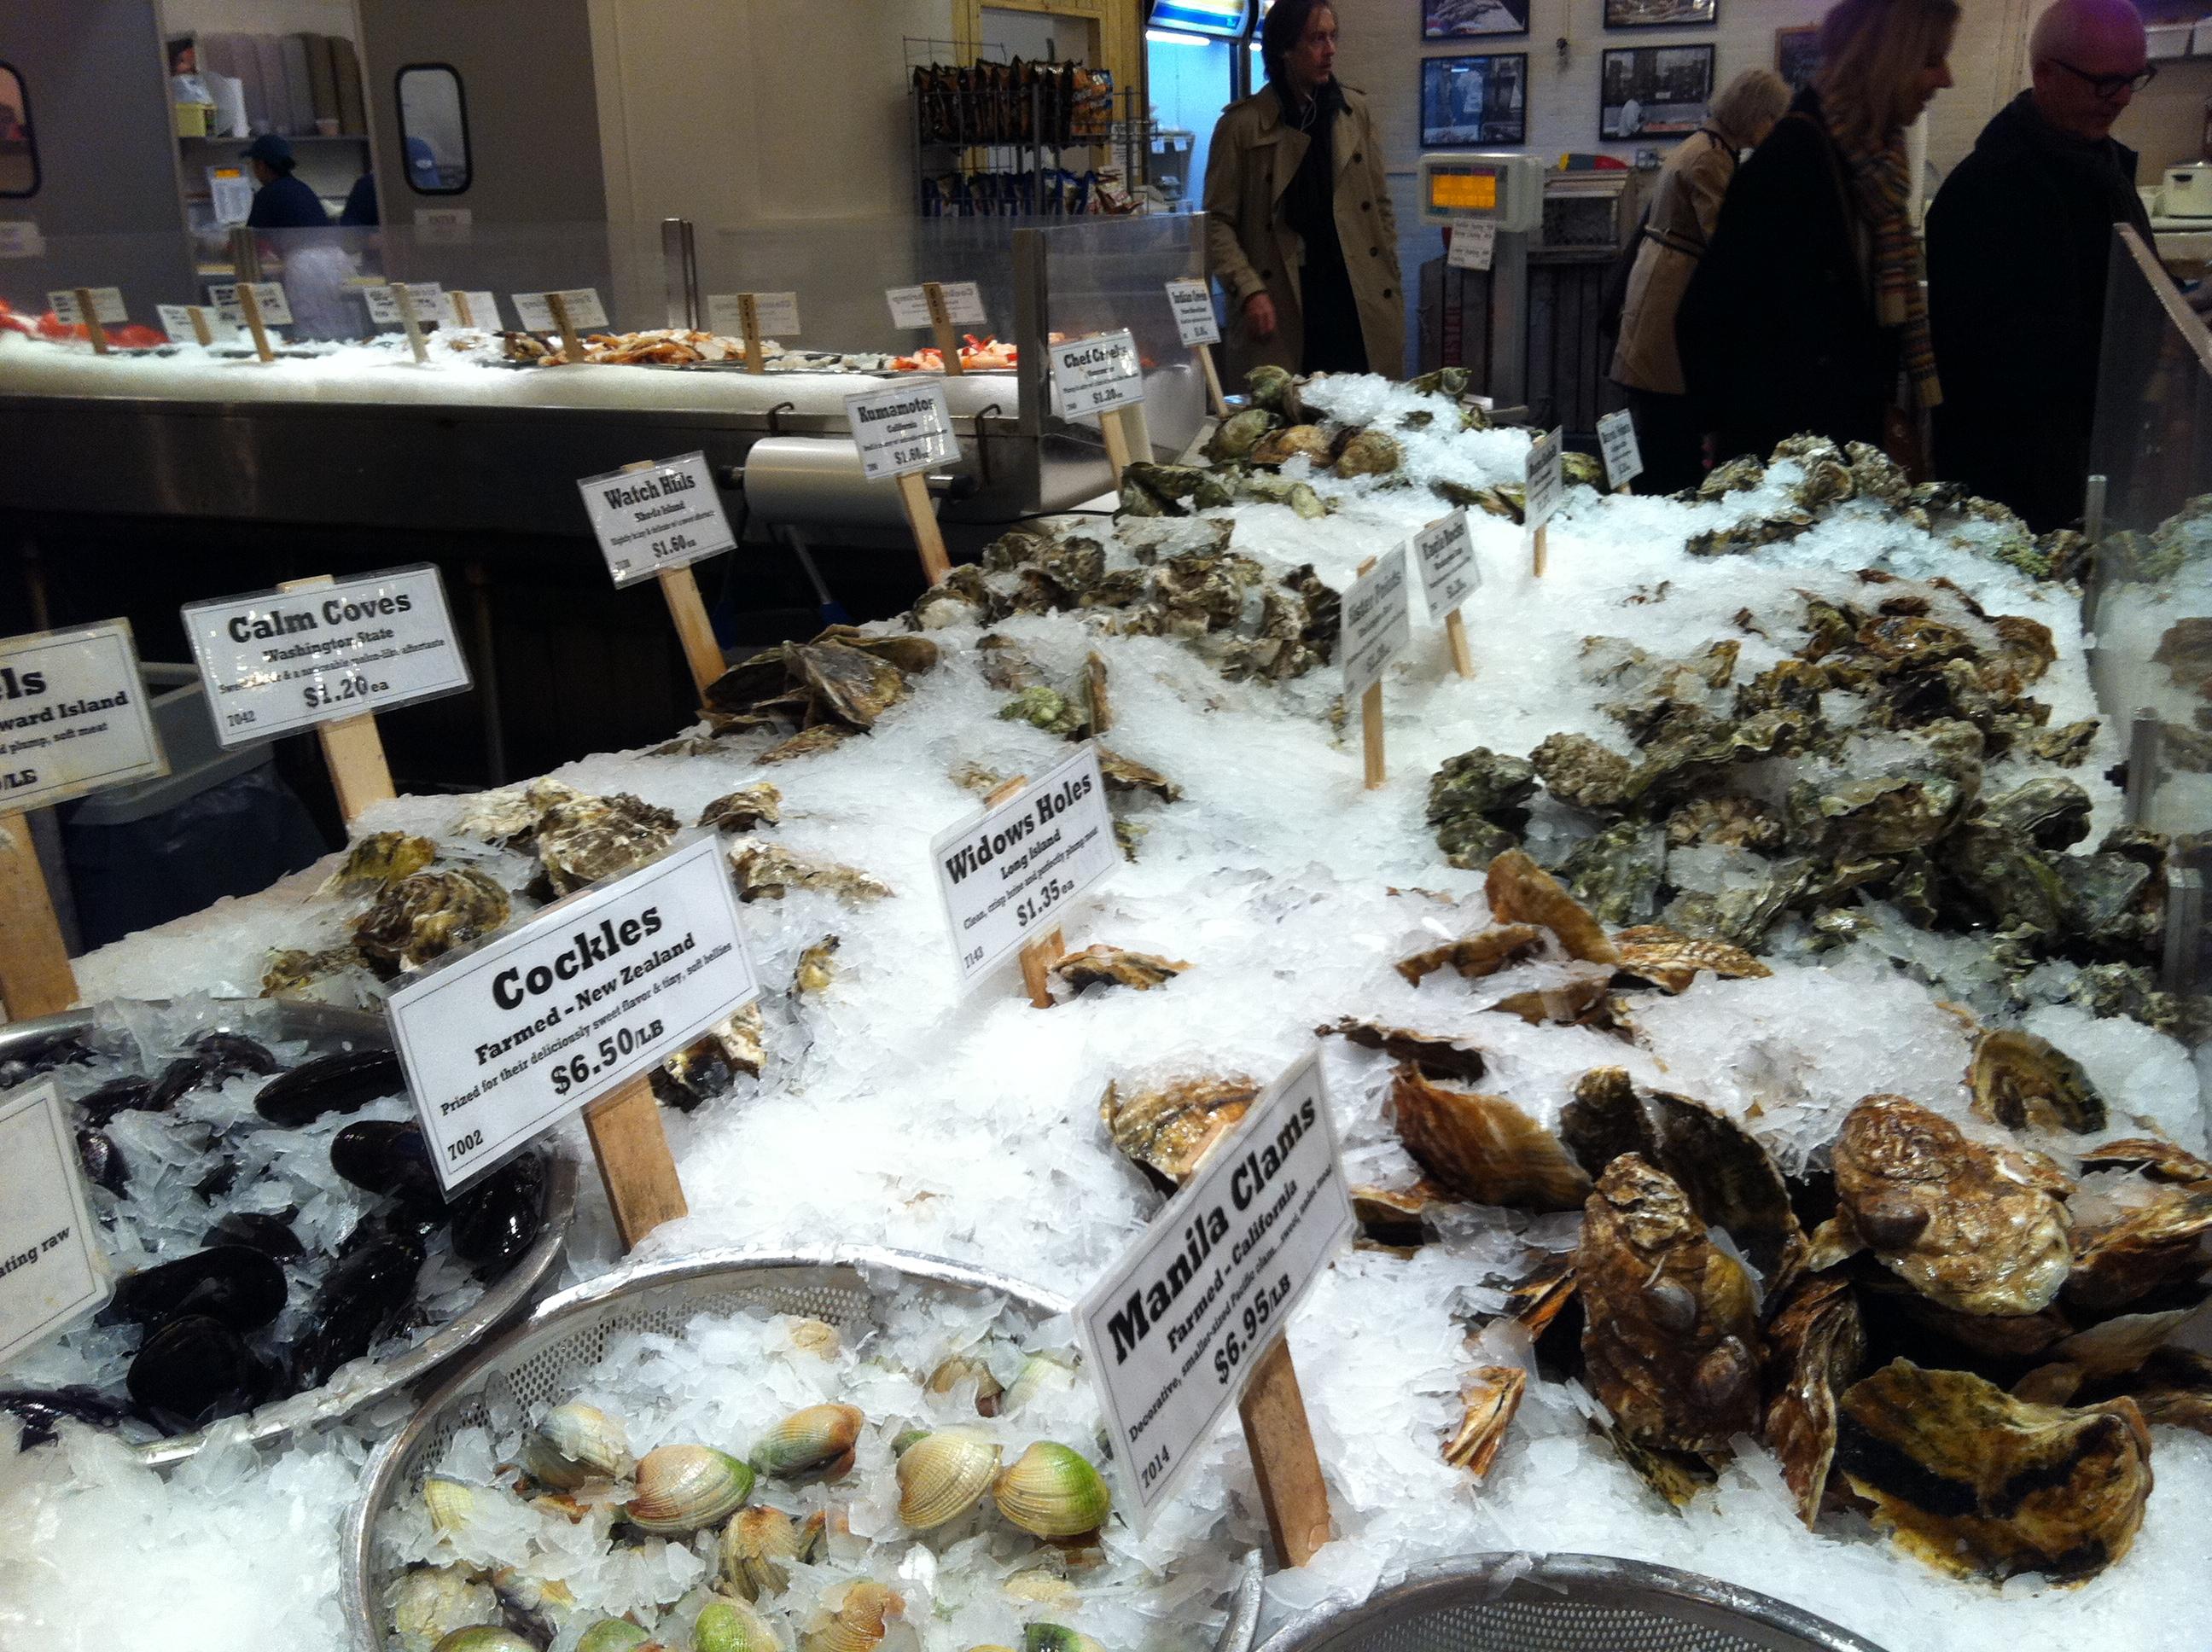 Chelsea market: 75 9th Ave, New York, NY 10011